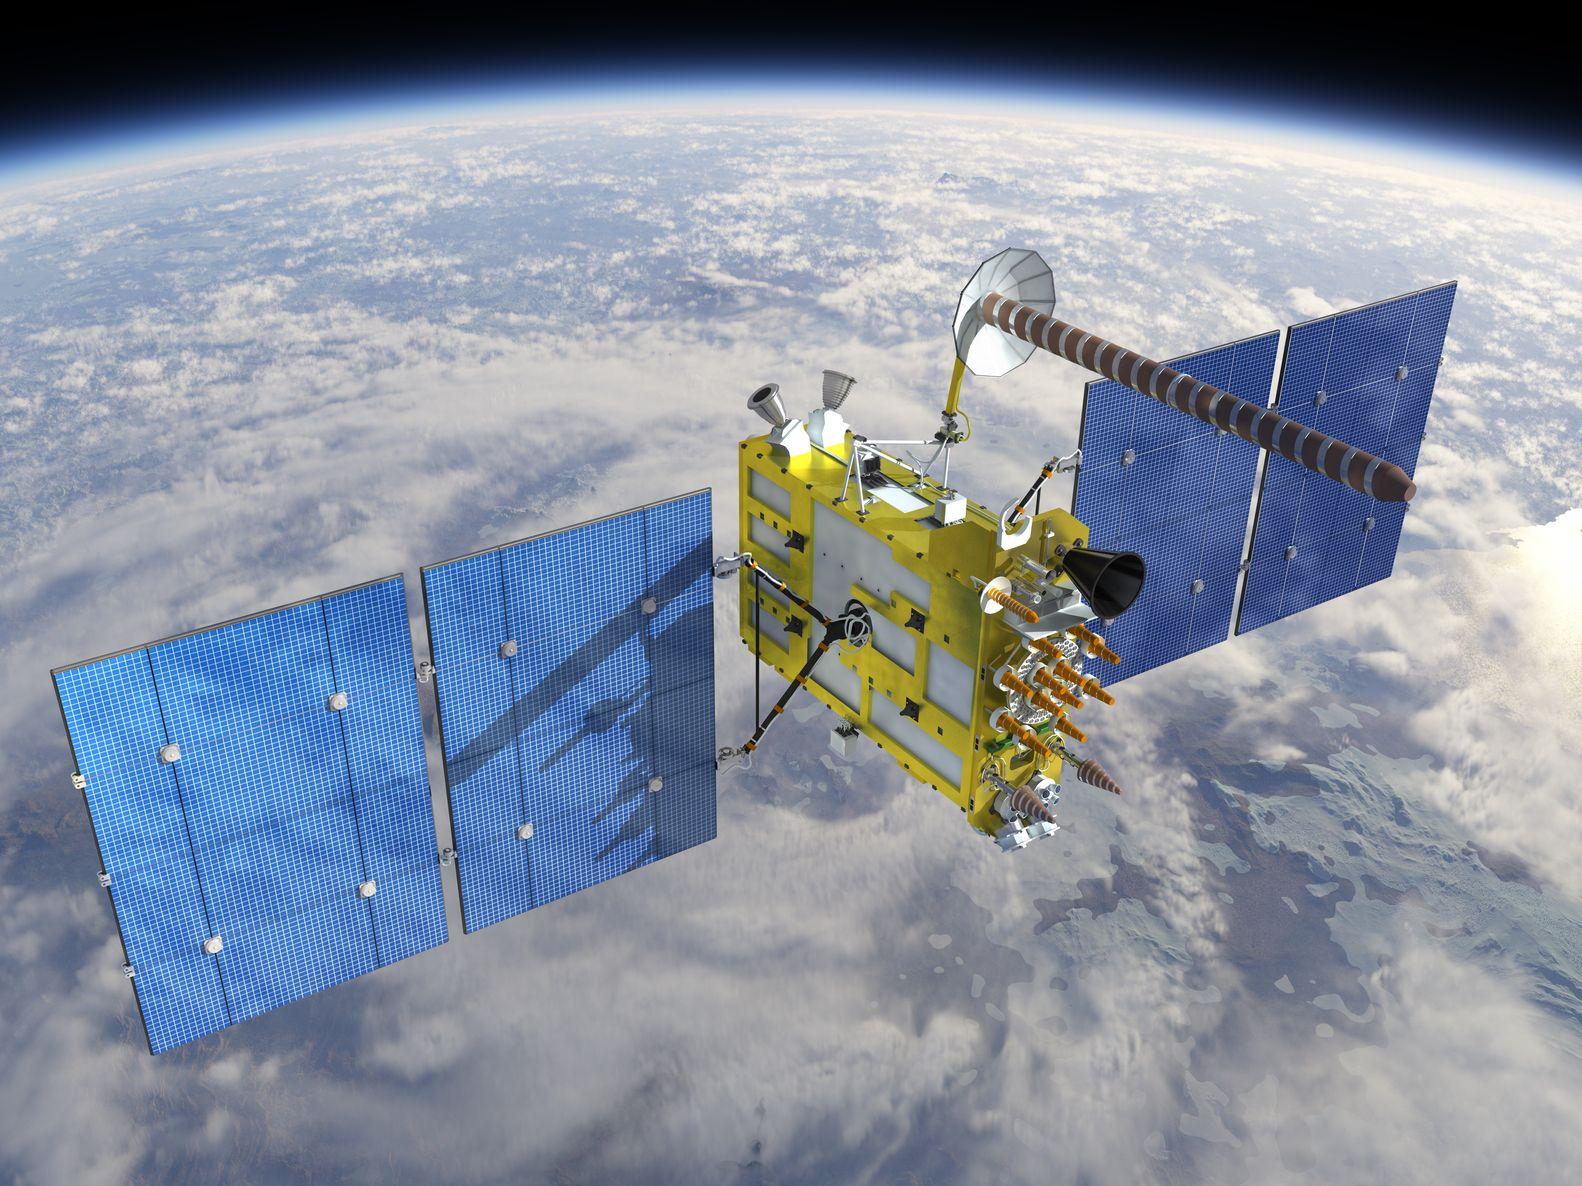 «Сфера» нагоризонте: Россия начала создание системы дистанционного зондирования Земли